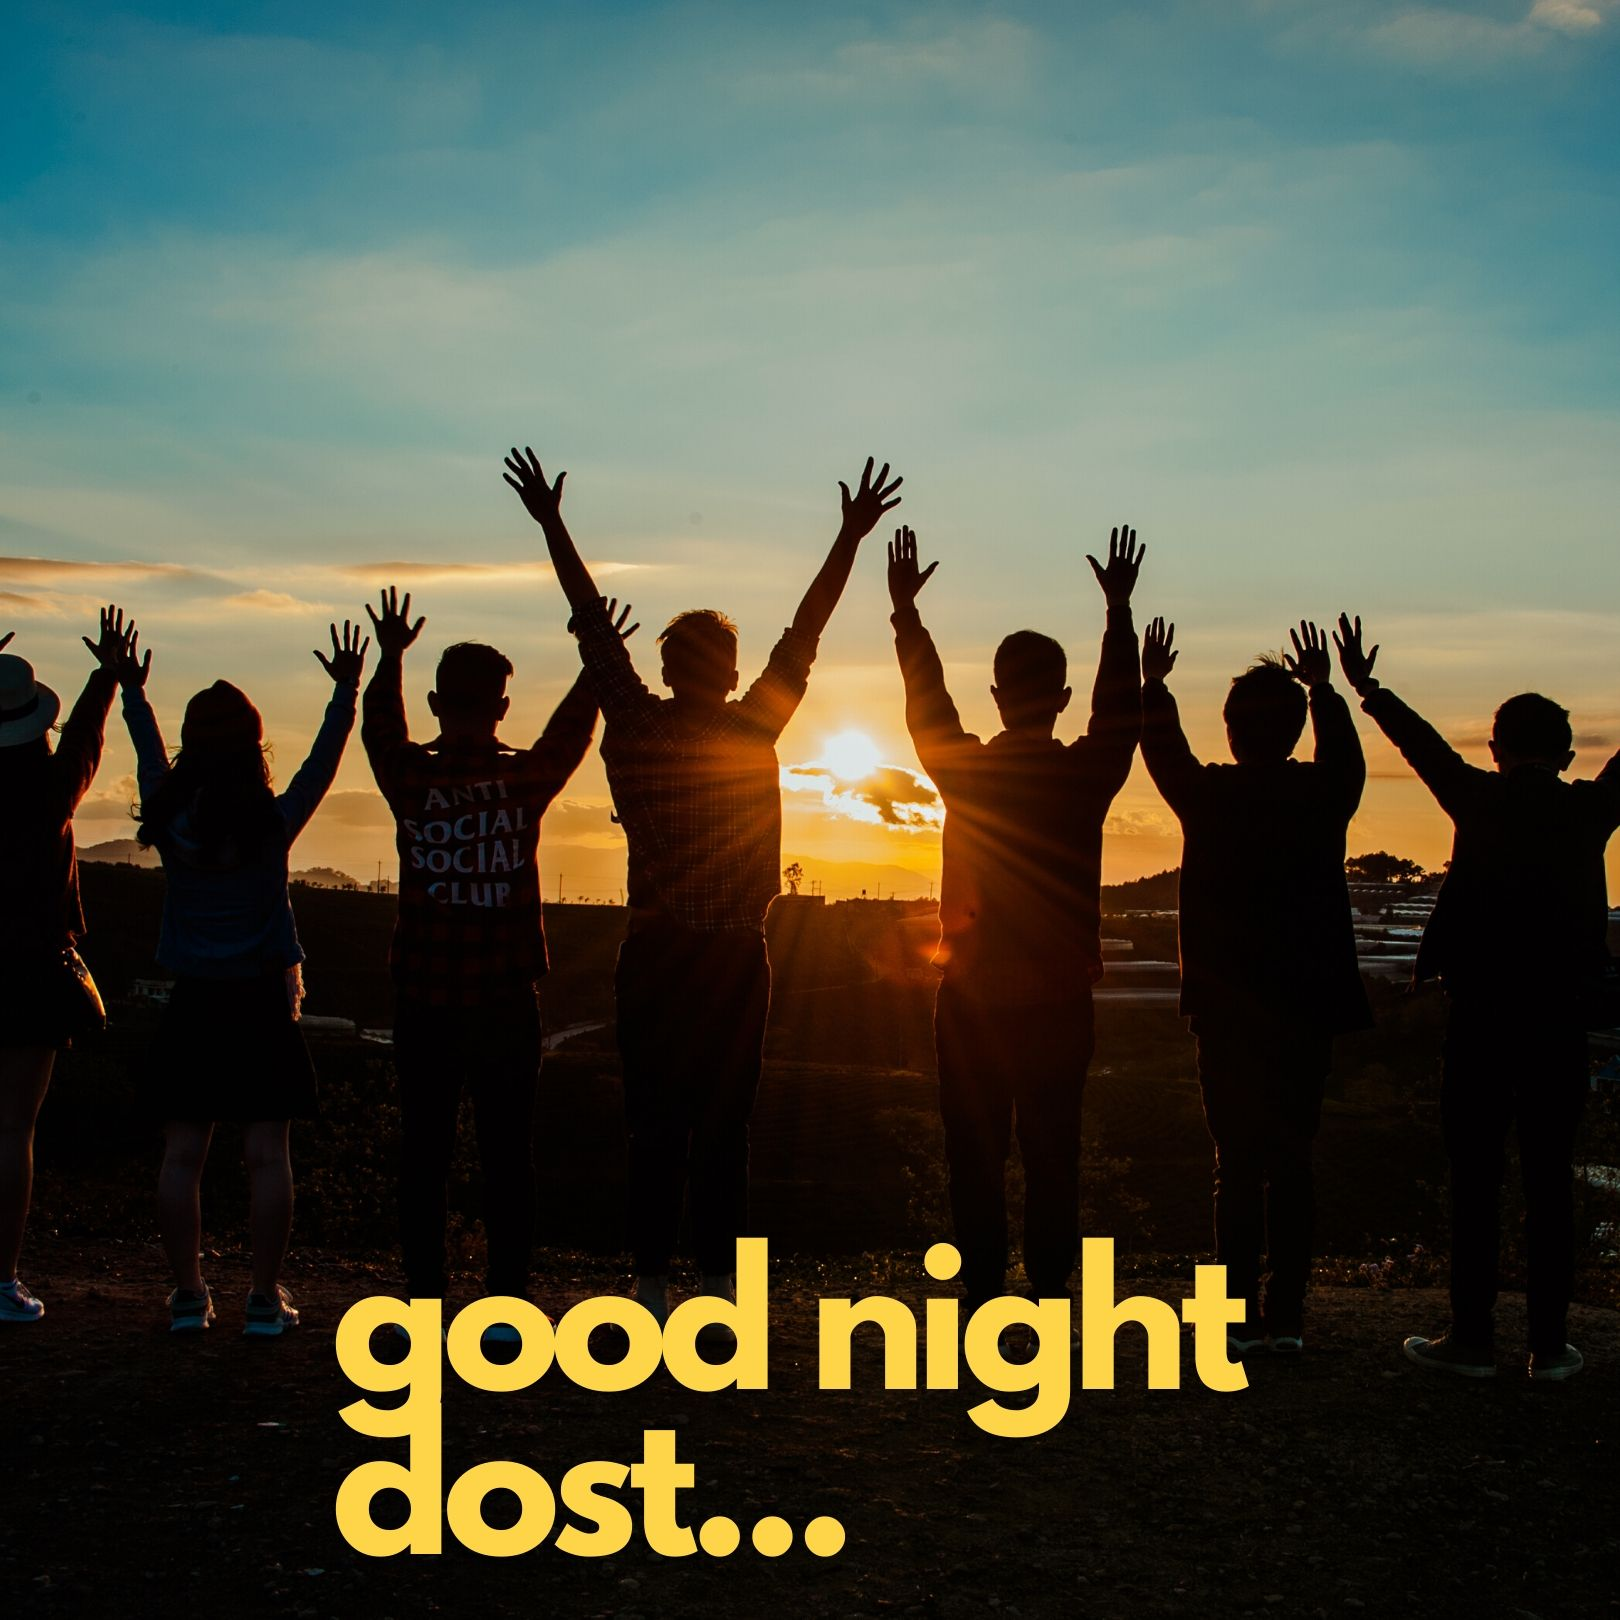 Good Night friends full HD free download.